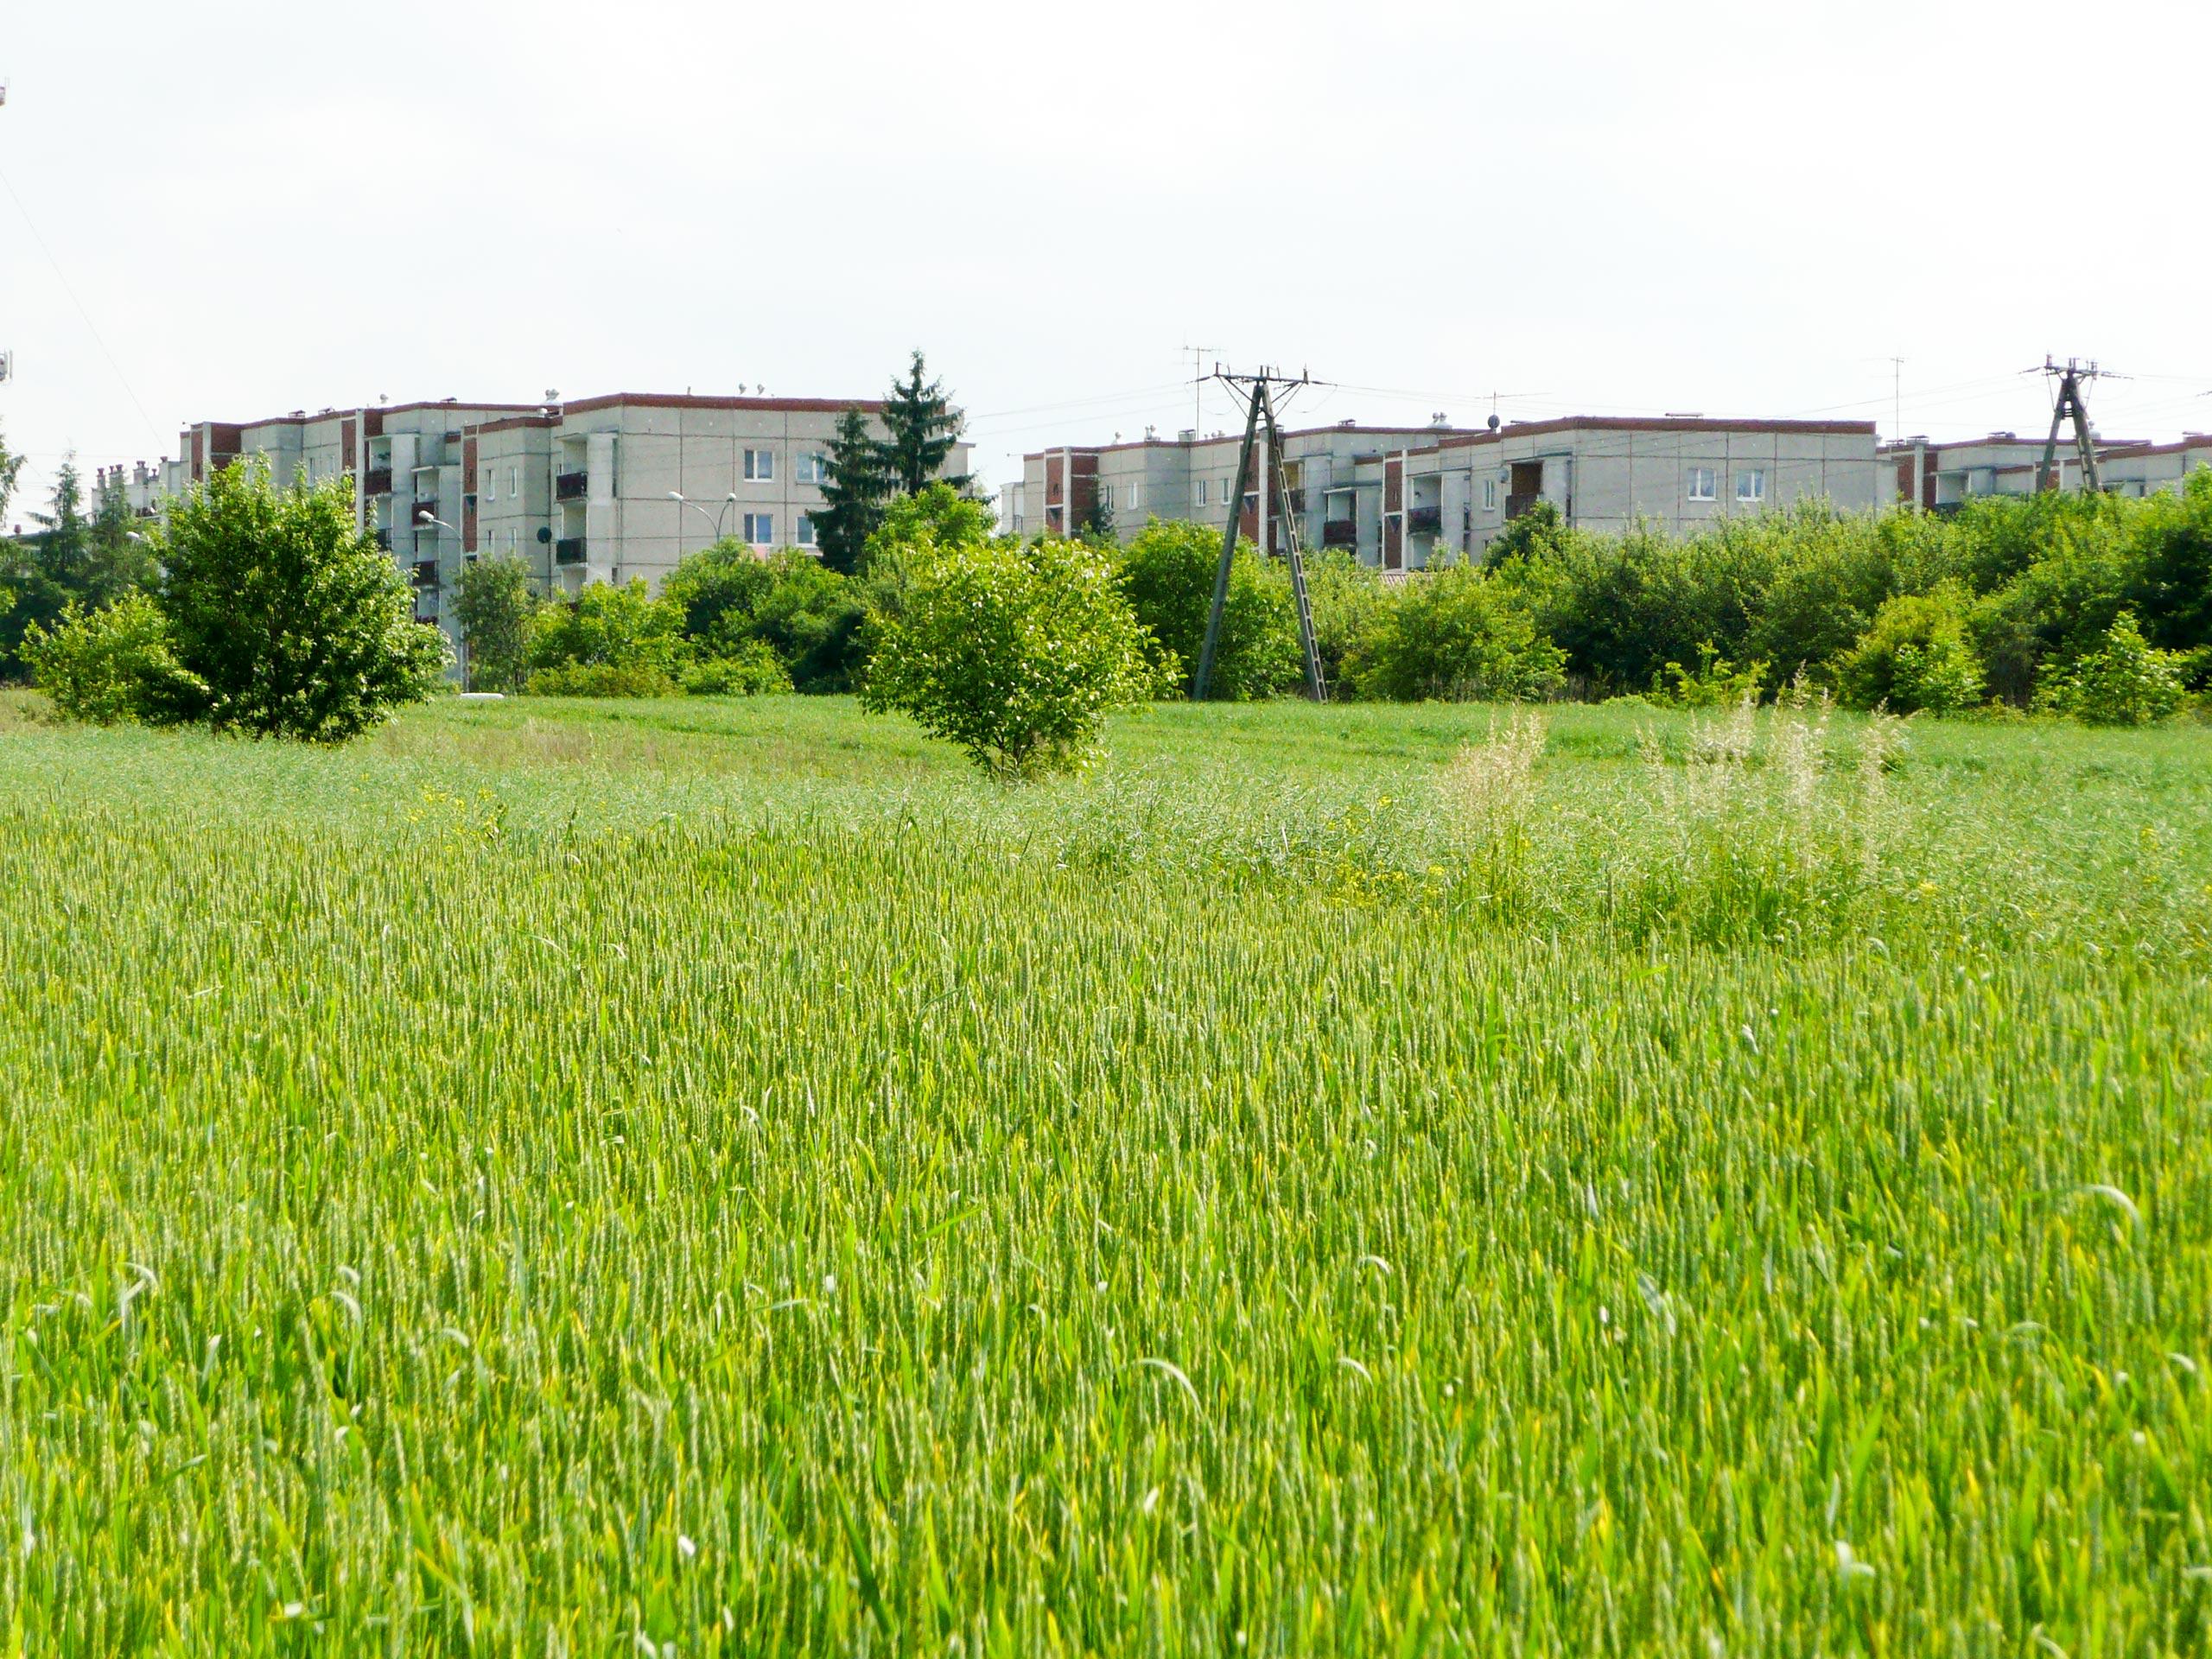 działka budowlana Zamość - działka na sprzedaż - Krzysztof Górski Nieruchomości Zamość